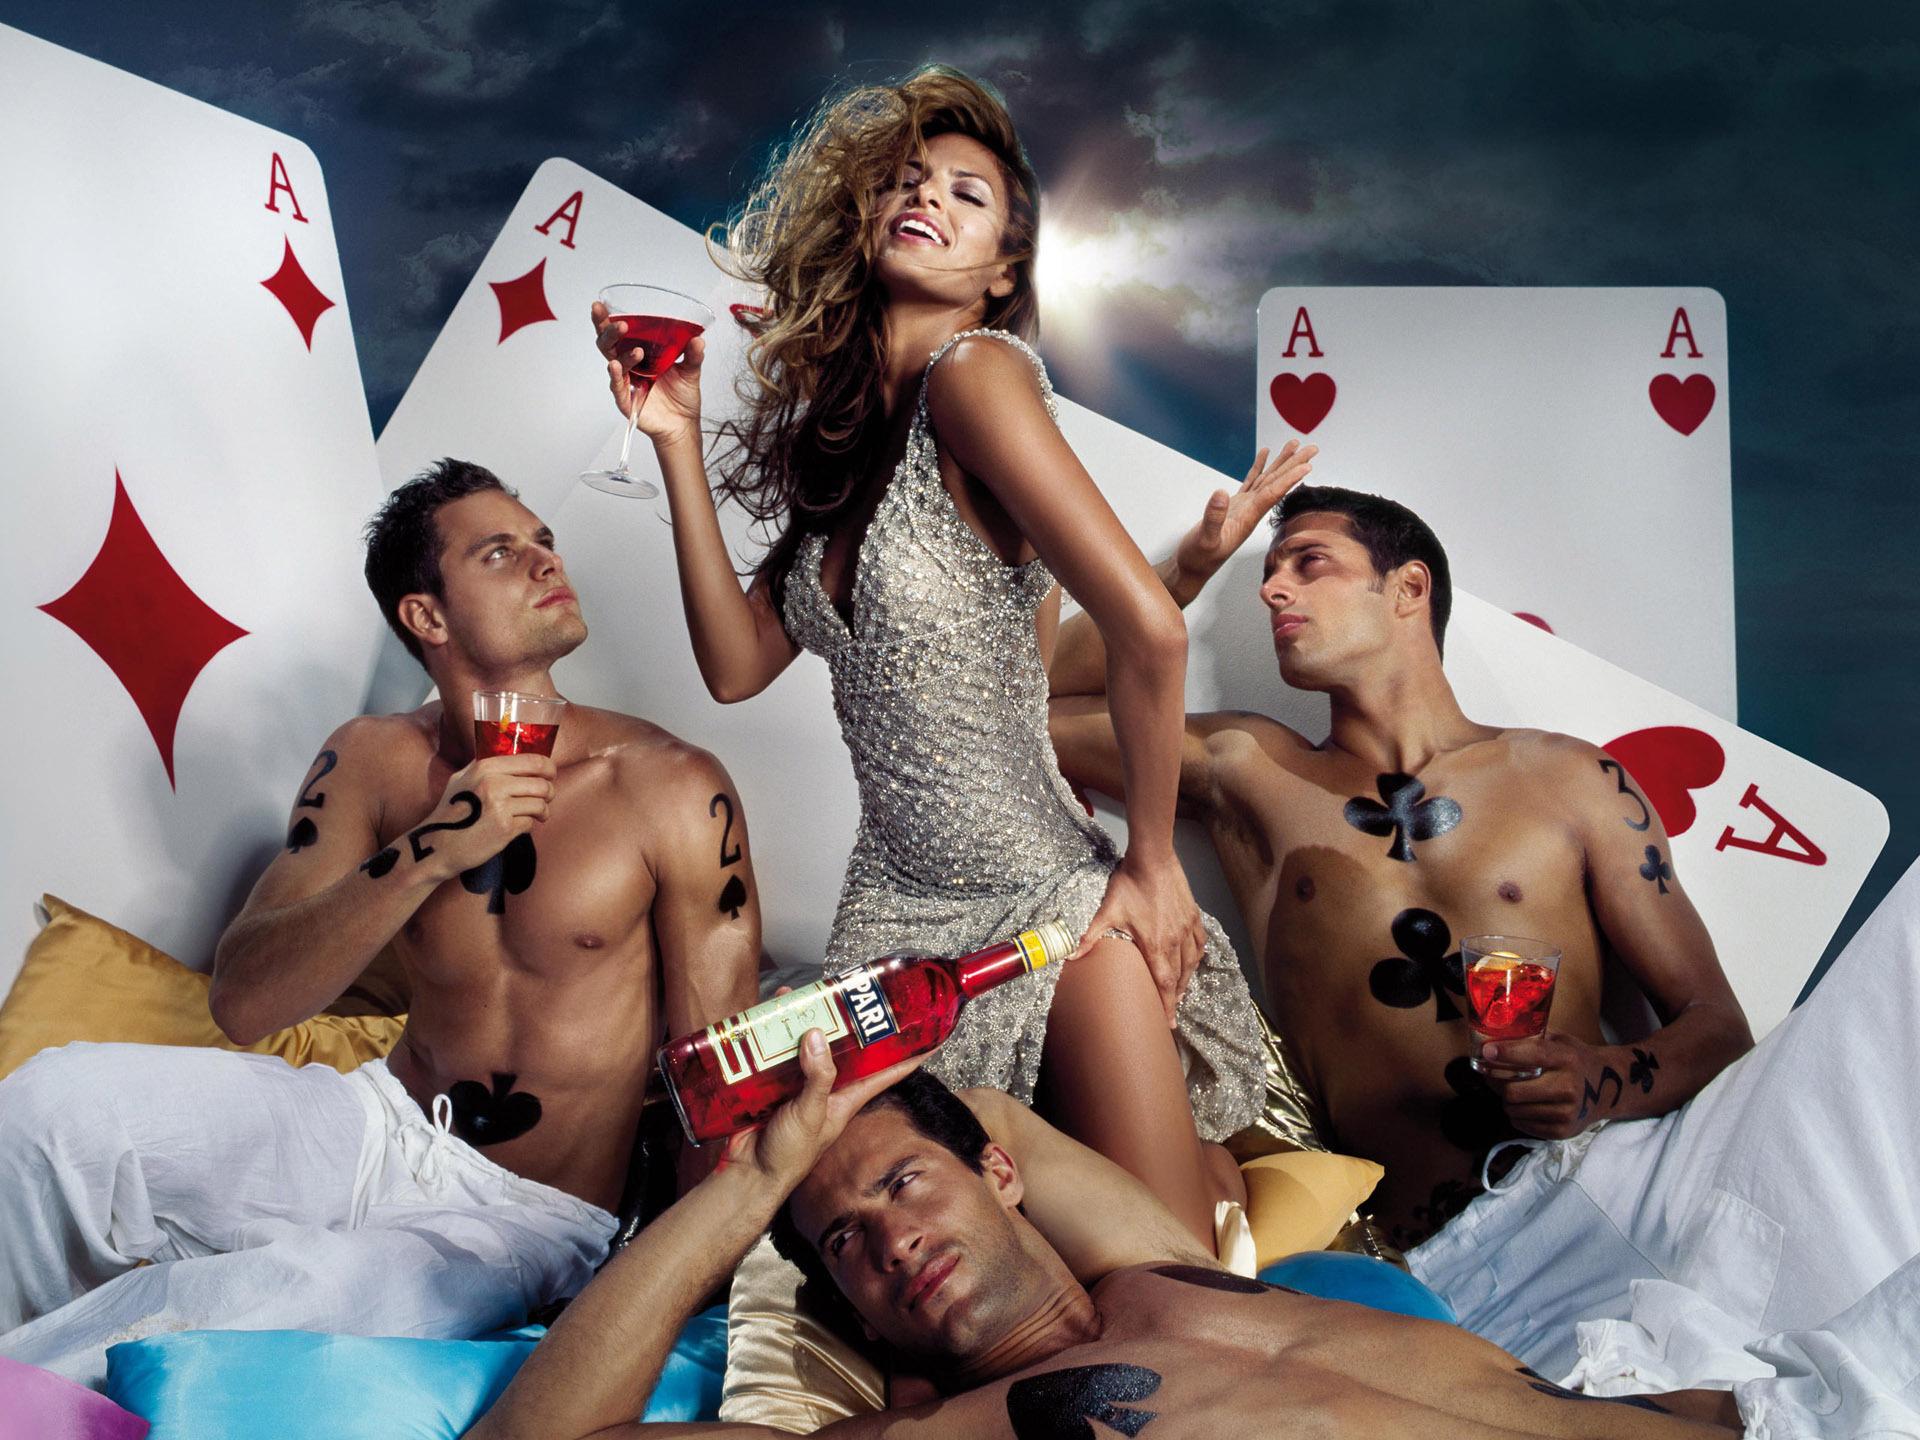 Красивый секс четверых парней и девушки 14